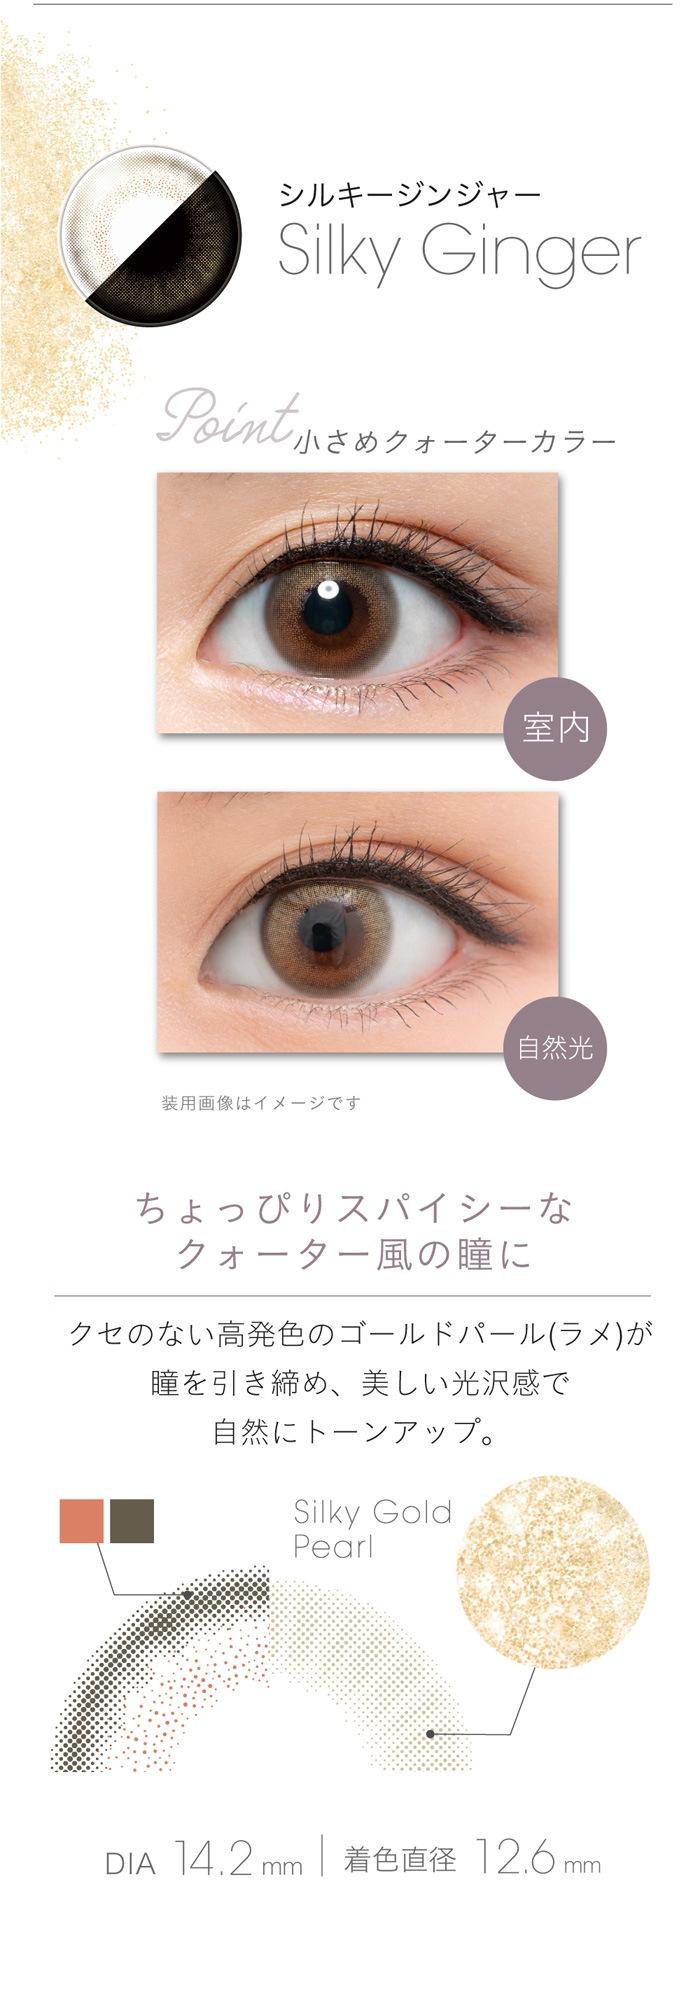 フェアリーワンデーシマーリング(10枚入):シルキージンジャー ちょっぴりスパイシーなクォーター風の瞳に